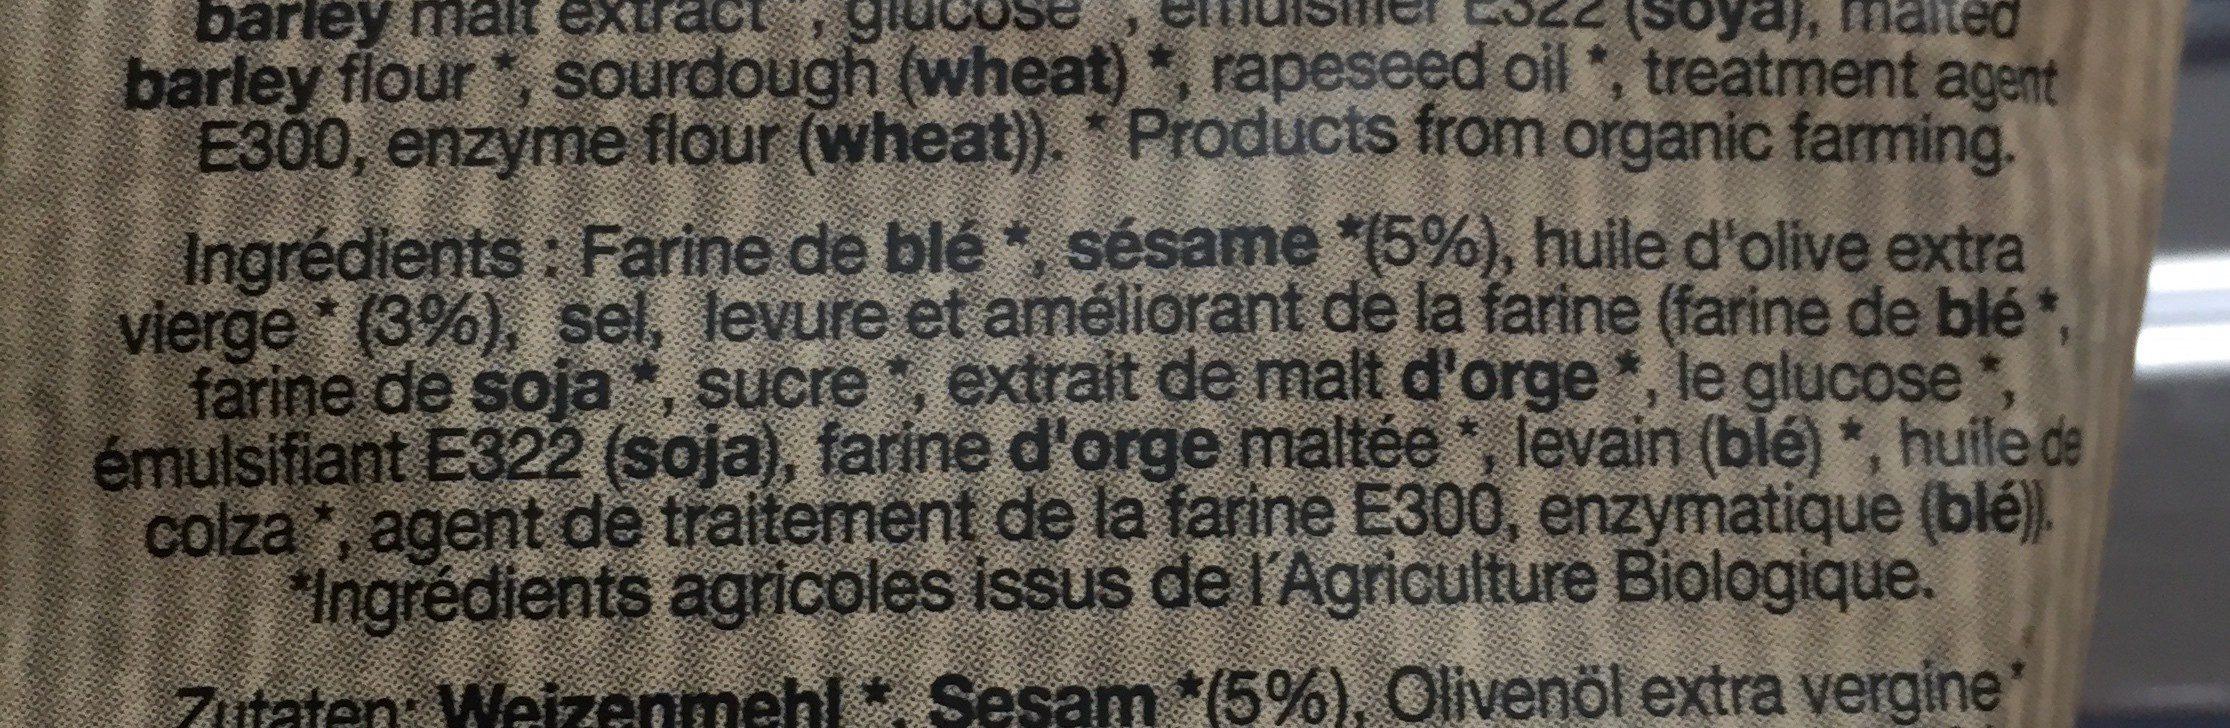 Biomonti - Ingrediënten - fr